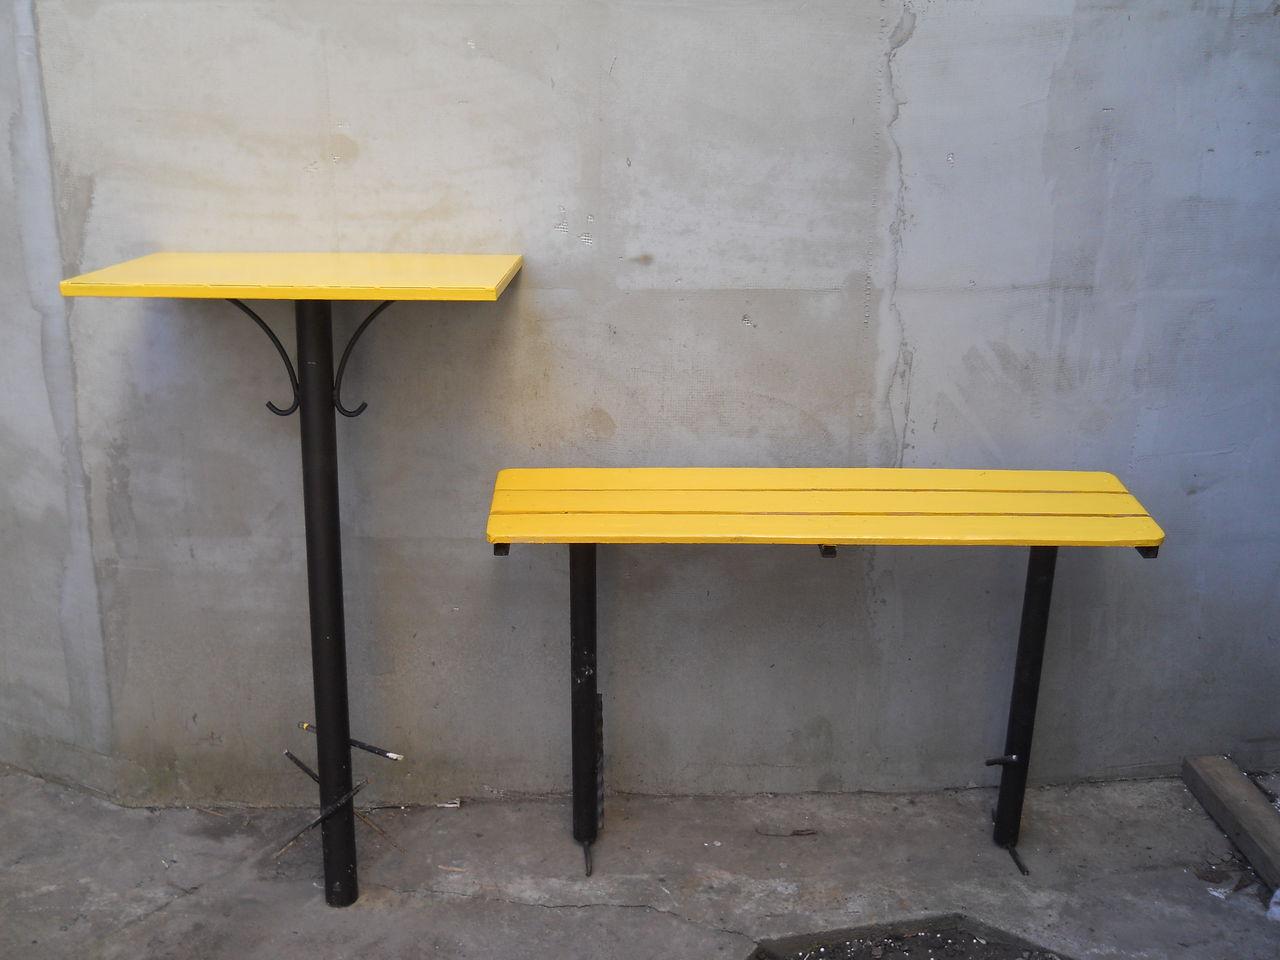 Изготовление лавки - скамейки, своми руками - 1 23 20